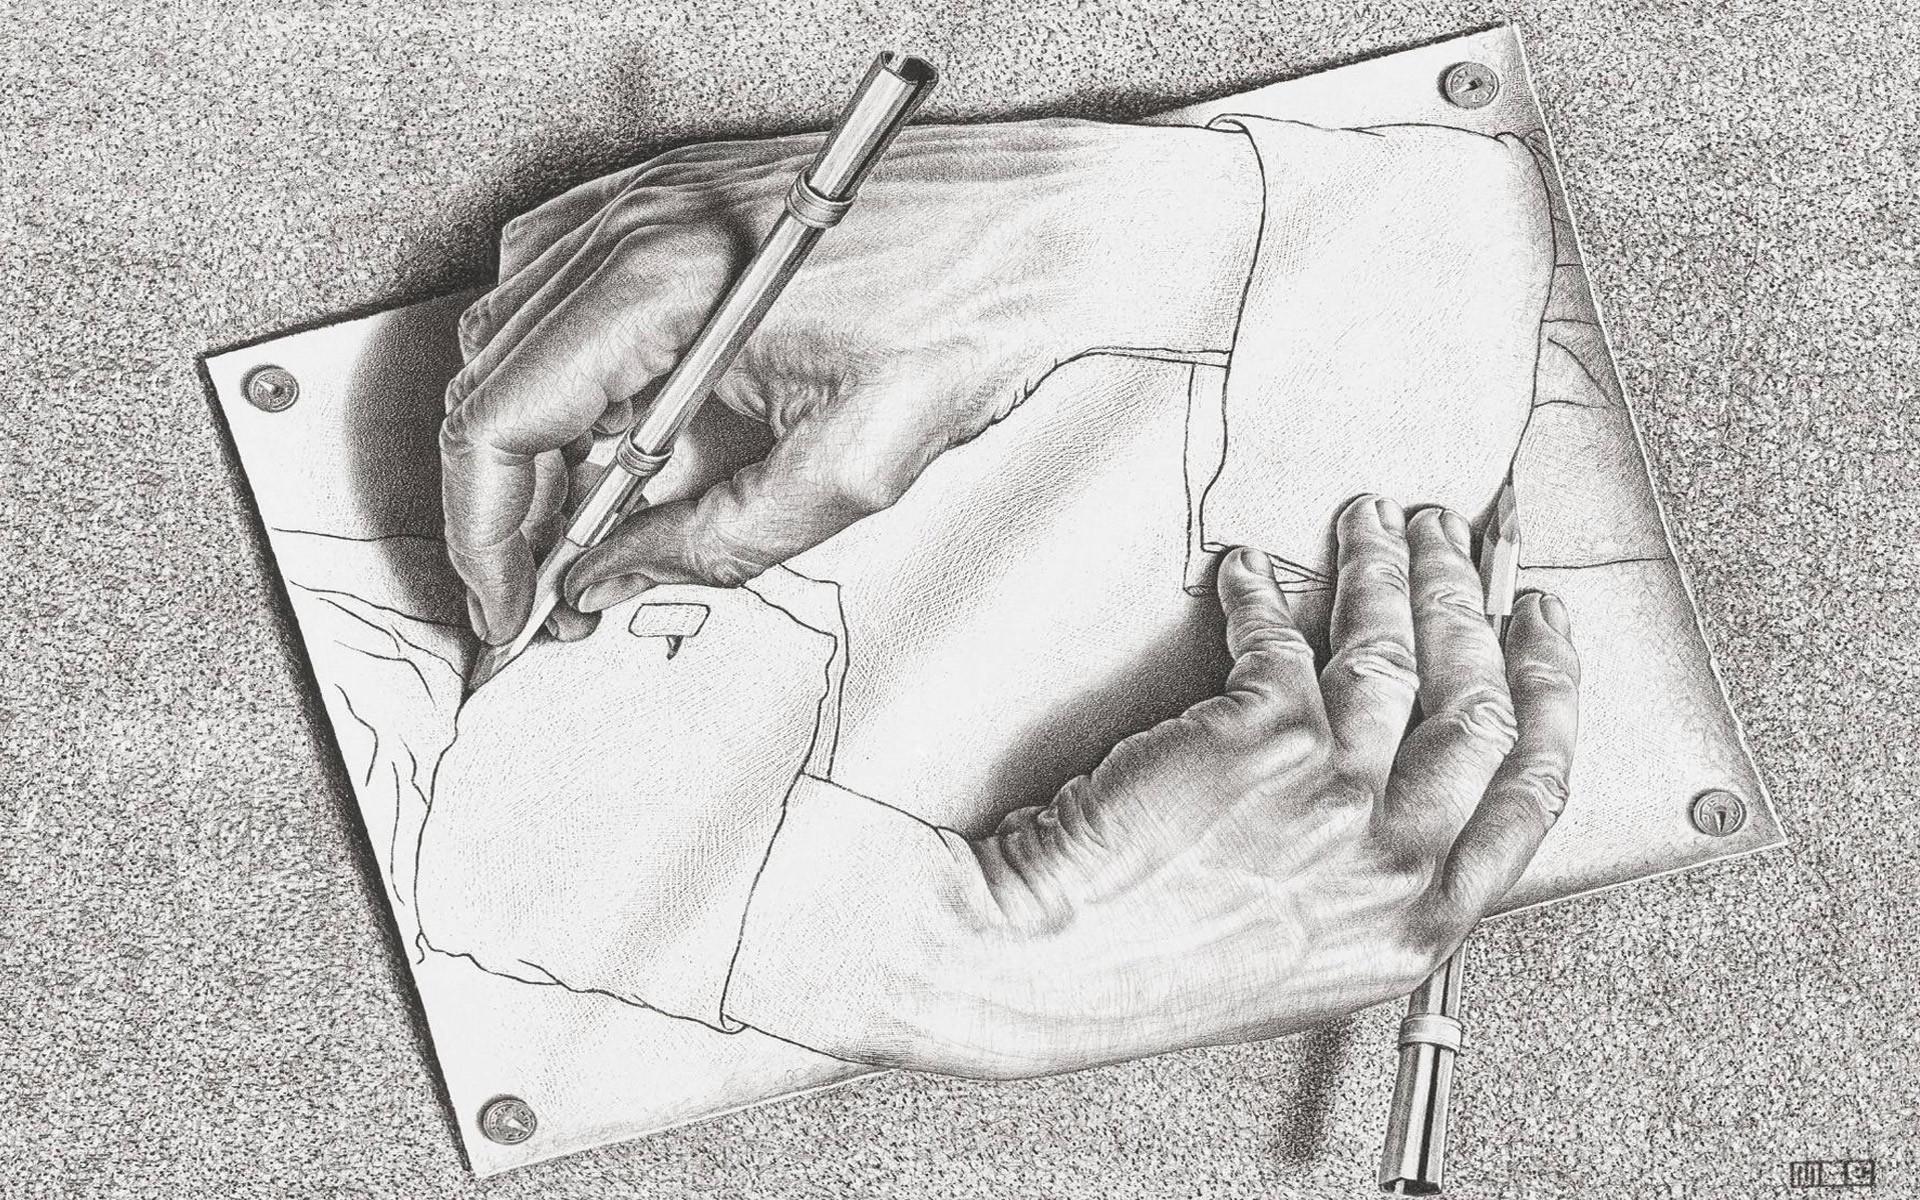 … Windowsthememanager Escher – Art Windows 7 Themes by Windowsthememanager